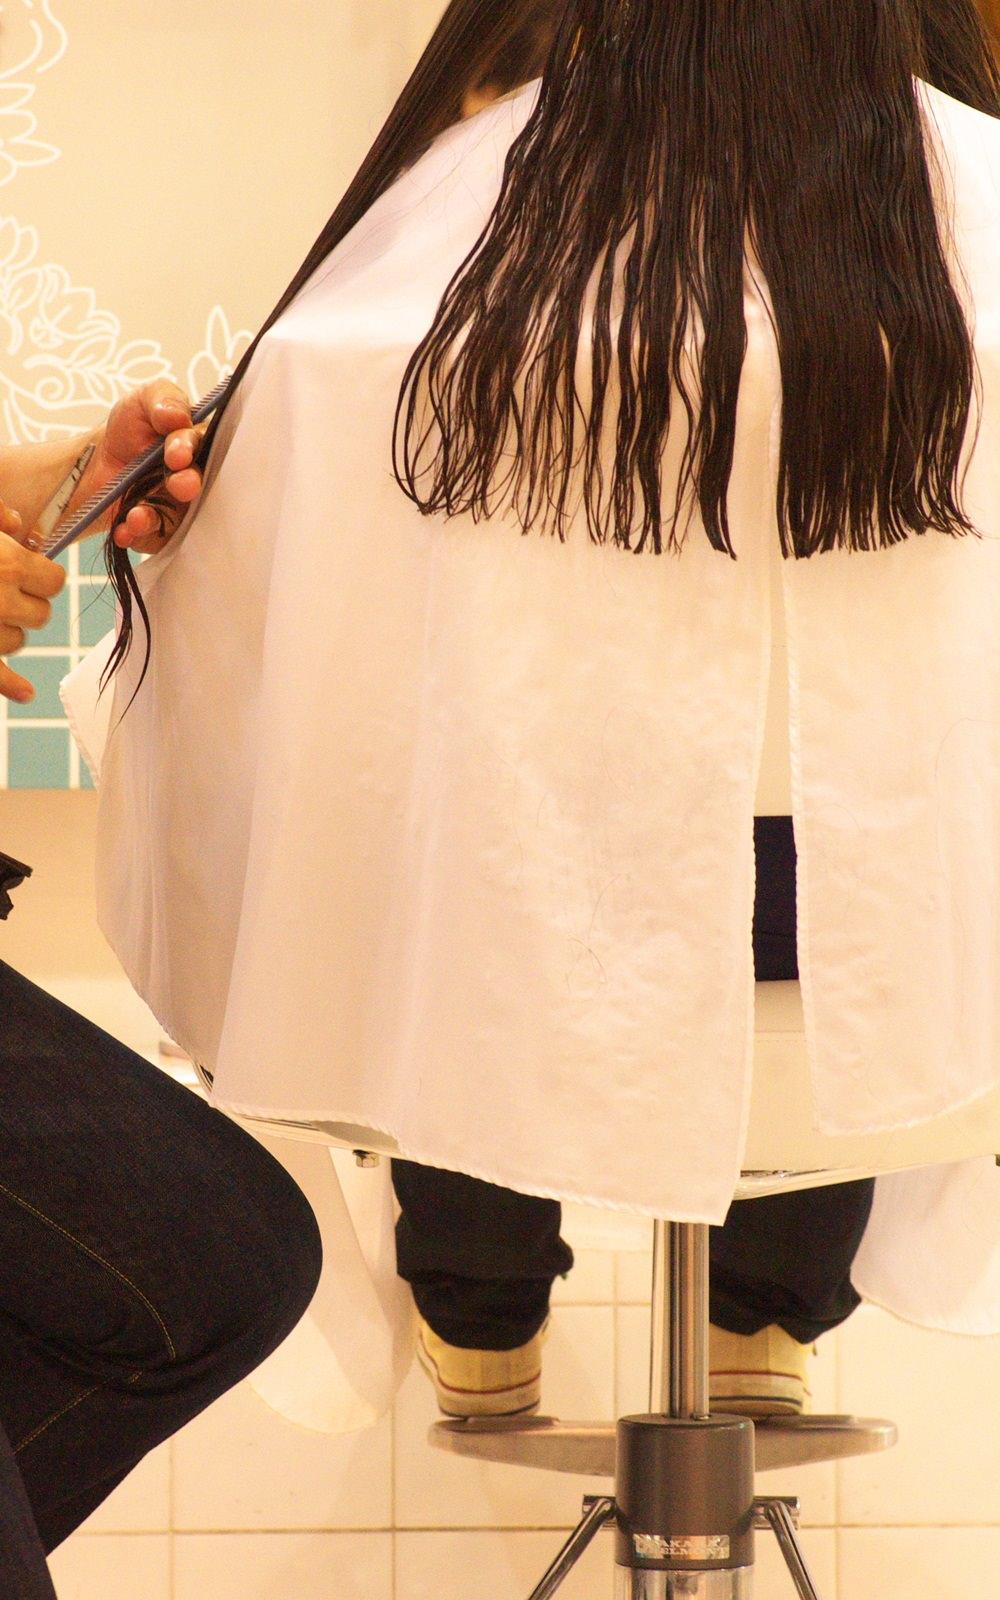 フリーランスの美容師の年収と集客方法|材料などはどうする?のサムネイル画像